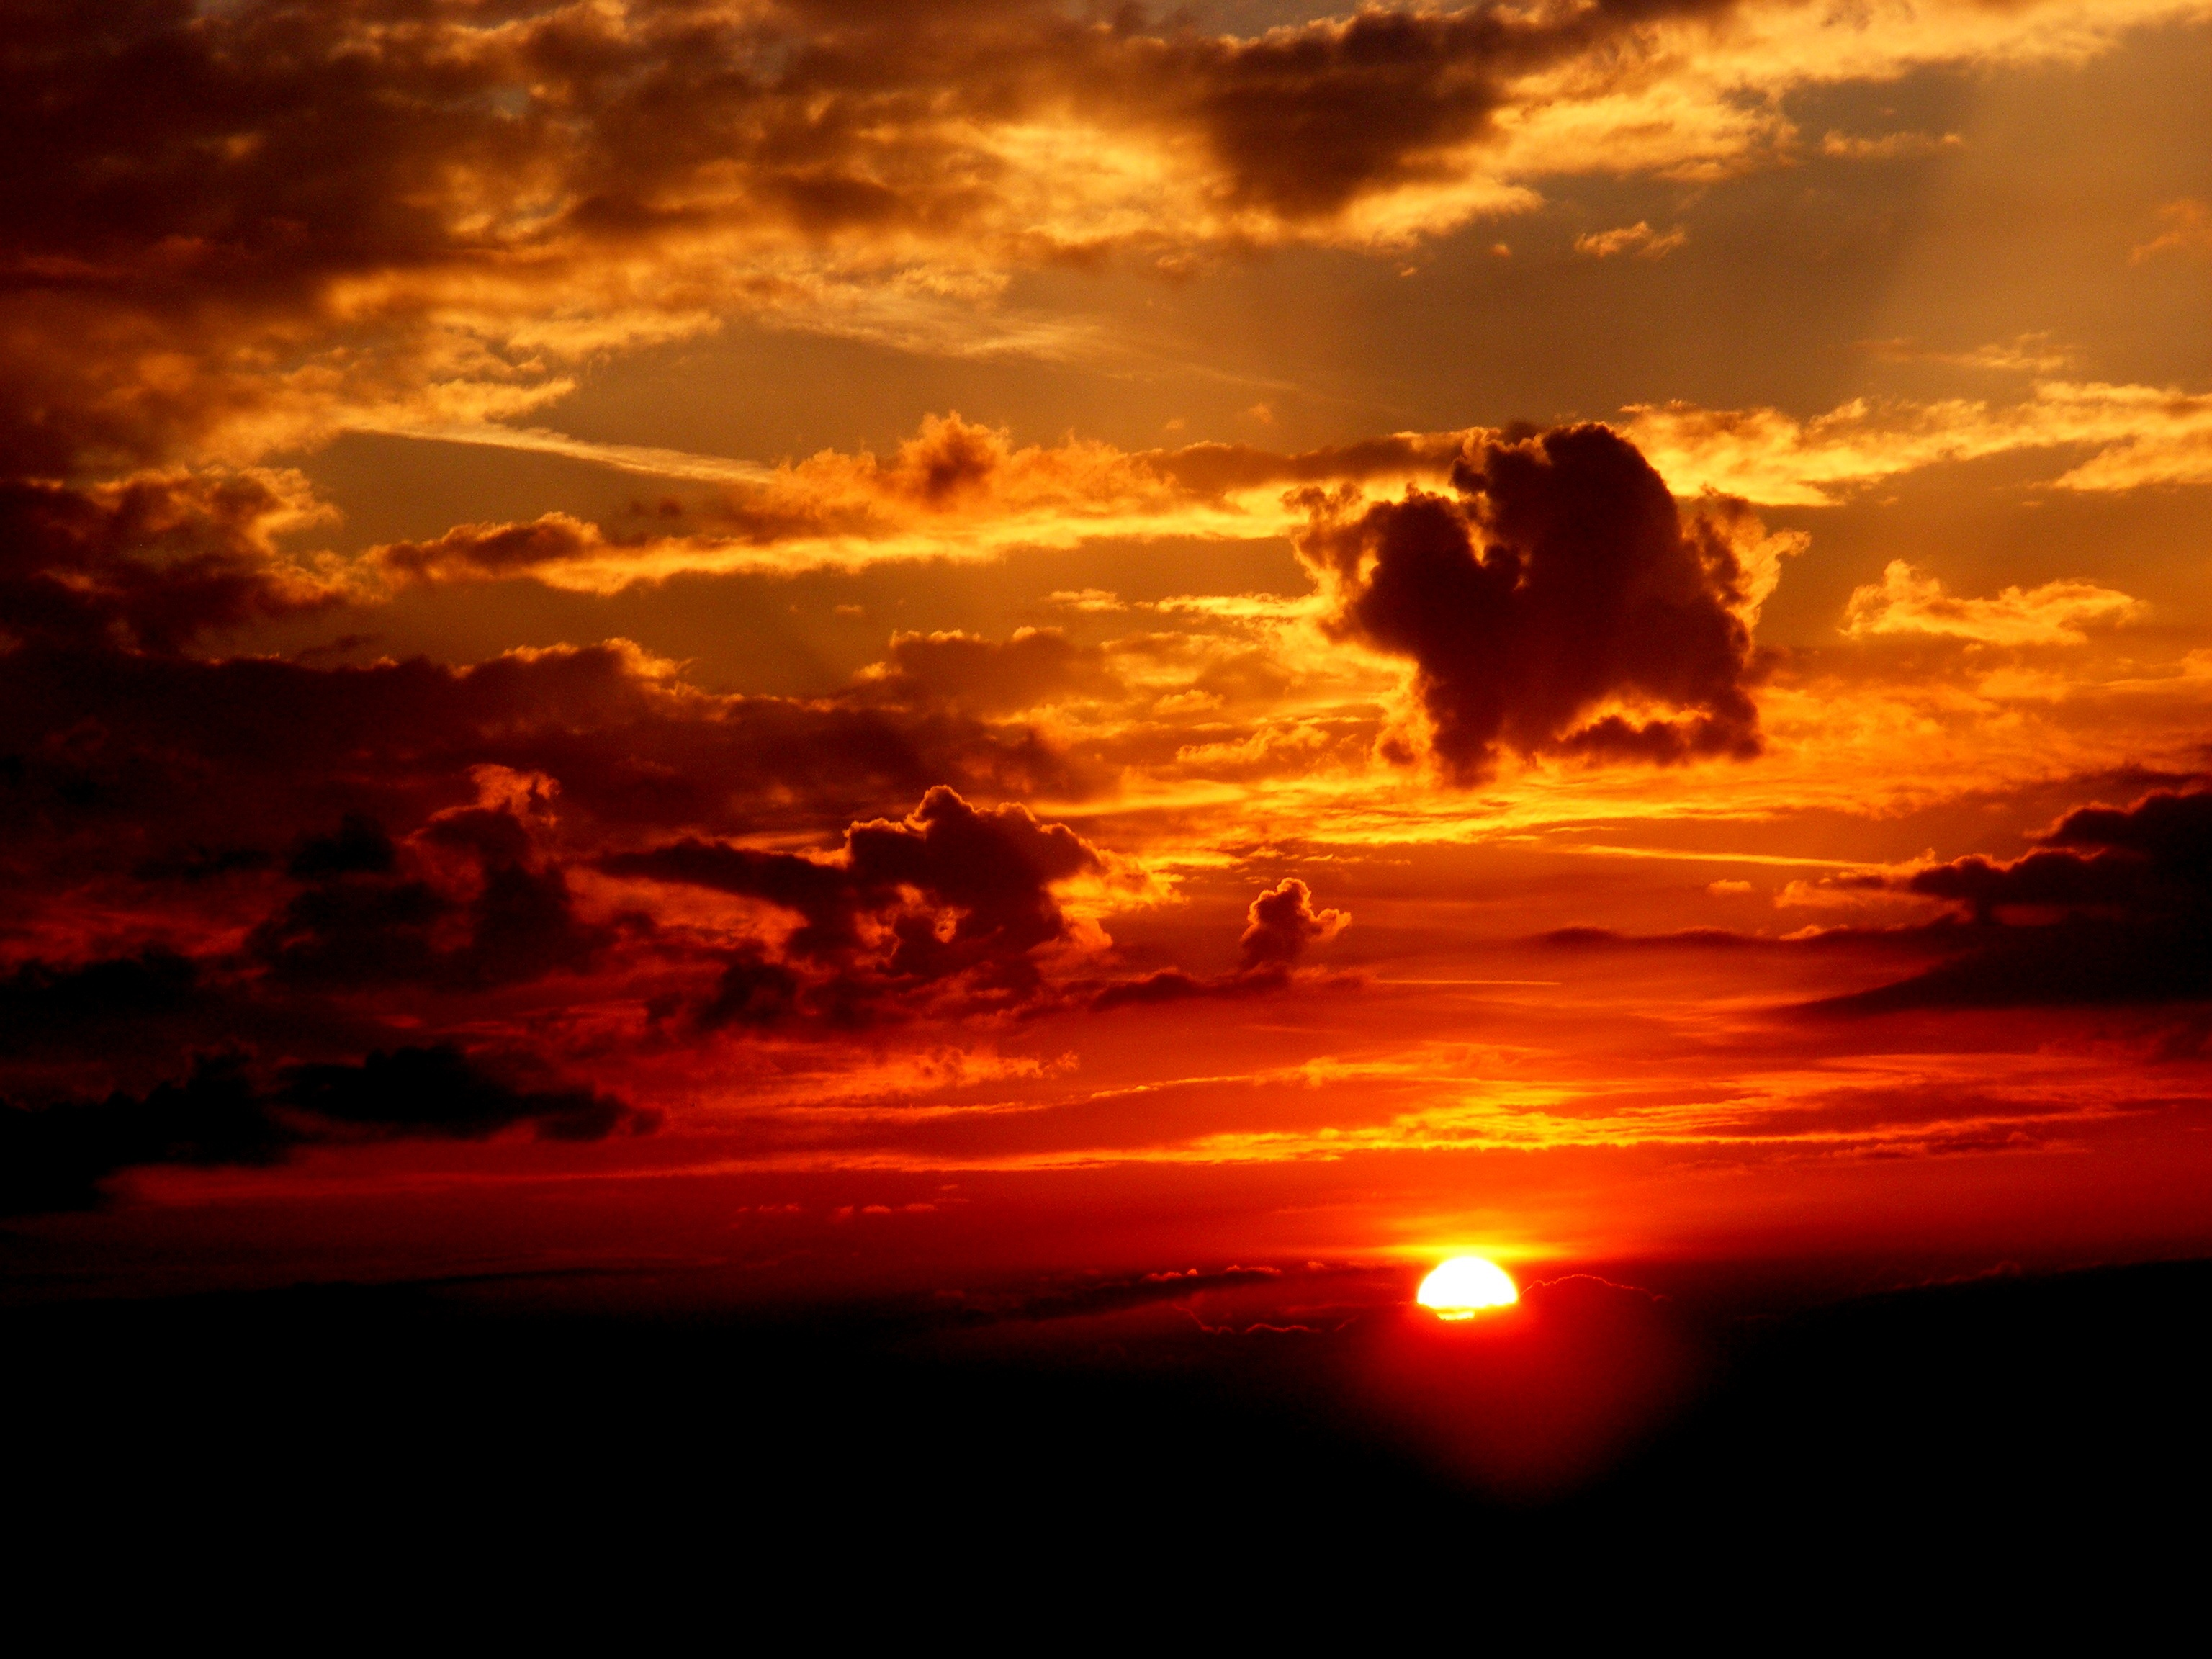 sunset-sky-sun-cloud-48783